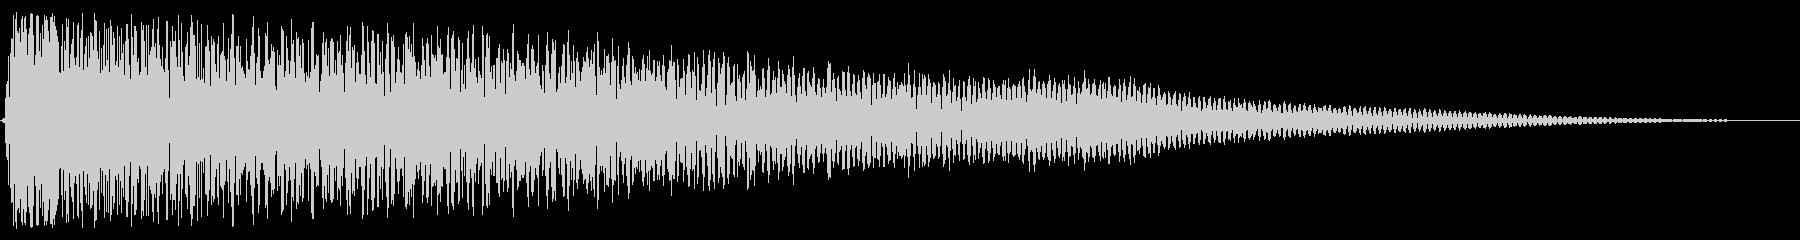 ゴングとシンバルのミュートヒットの未再生の波形